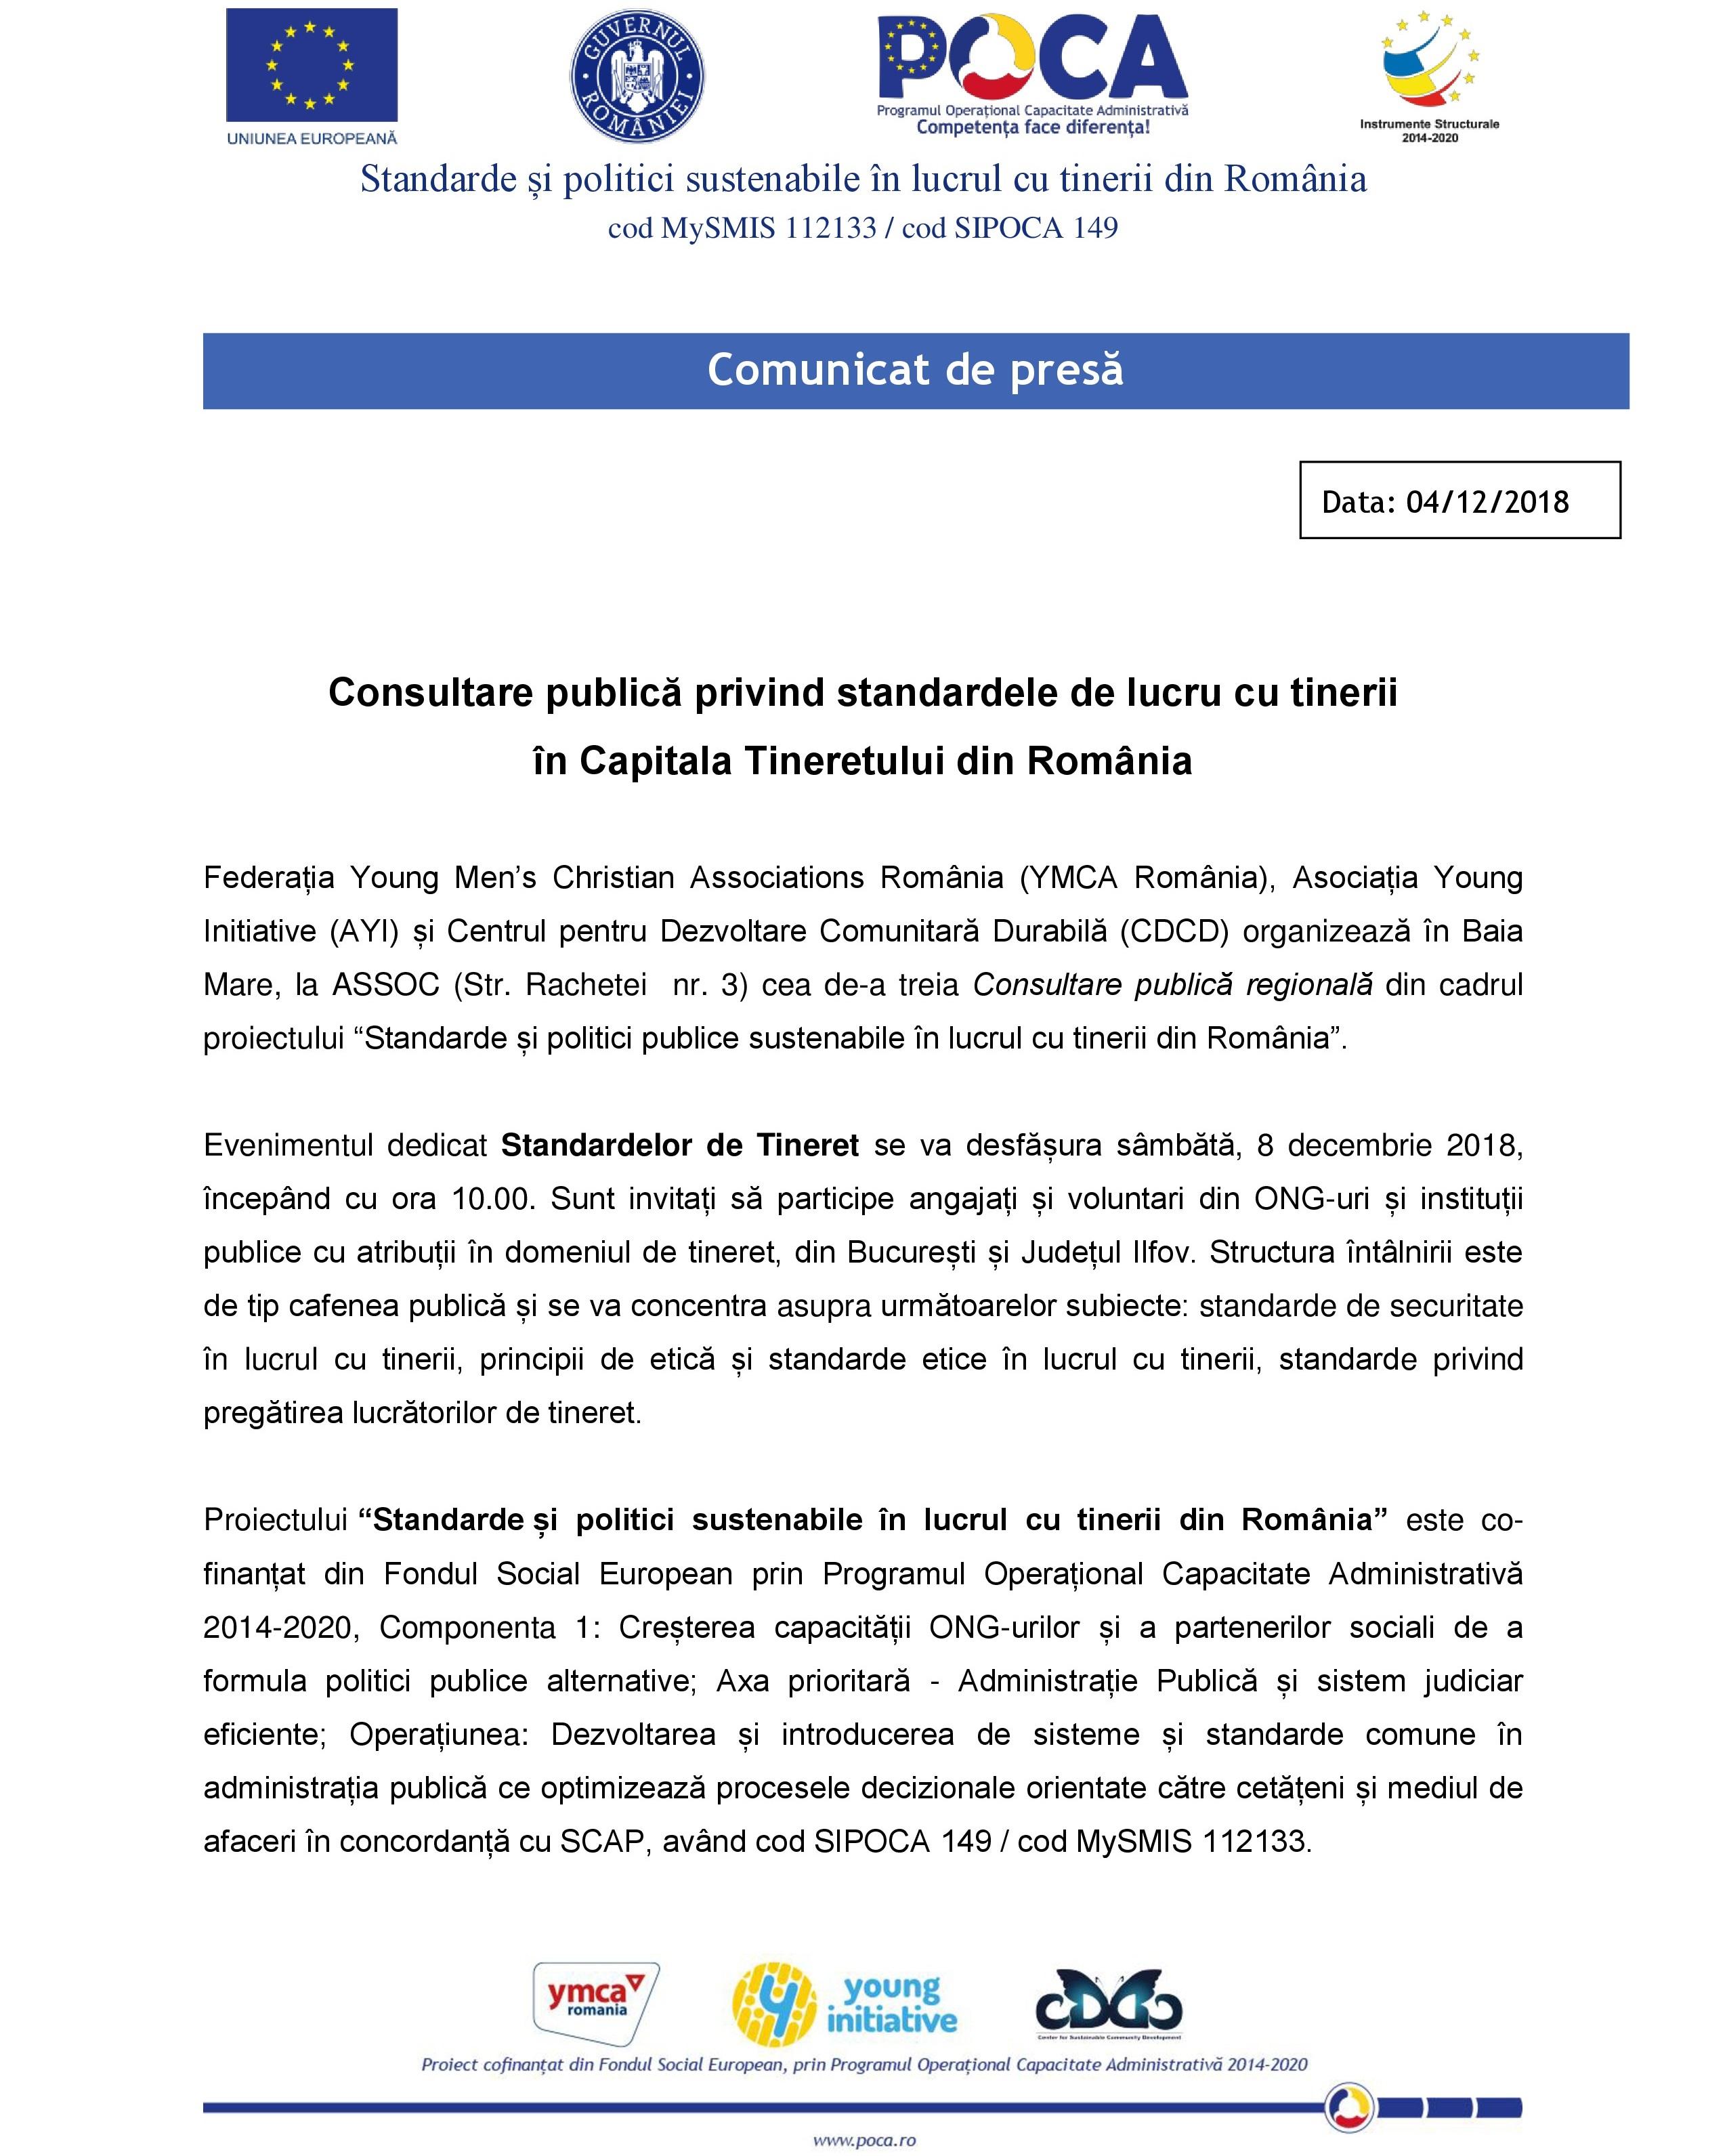 Comunicat de presă: Consultare publică privind standardele de lucru cu tinerii în Capitala Tineretului din România